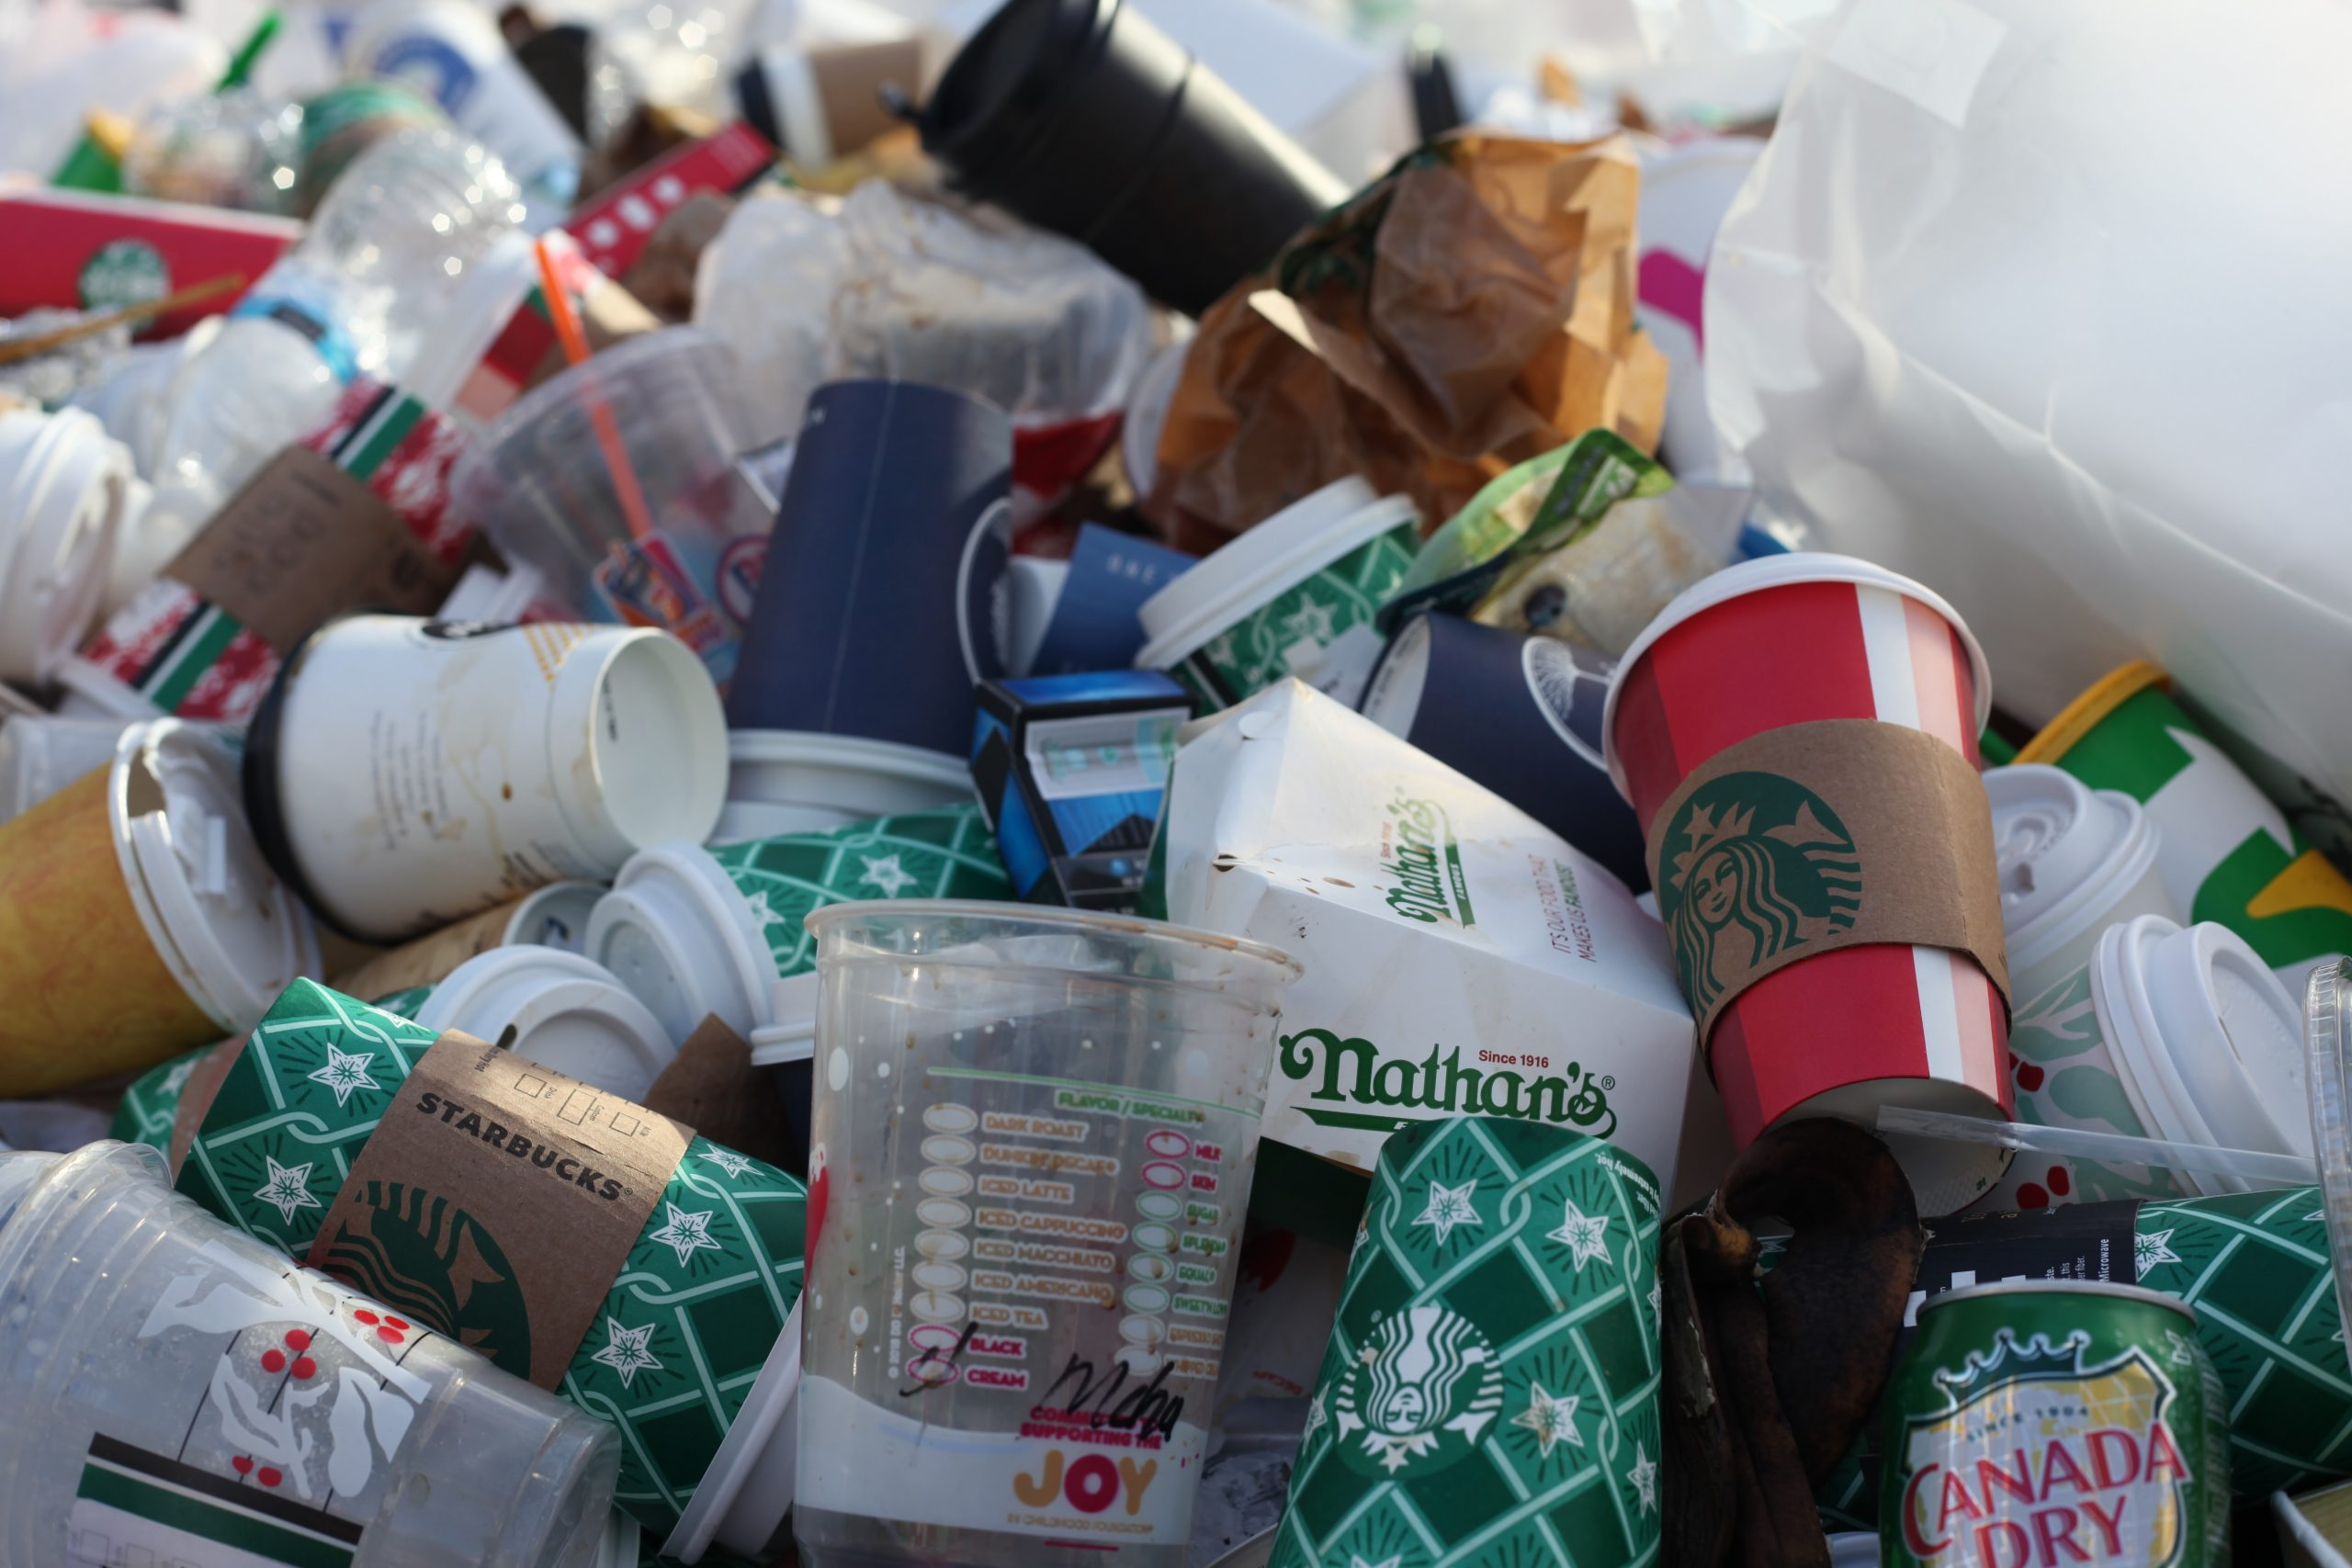 Il cibo non si butta: 5 febbraio giornata nazionale contro lo spreco alimentare